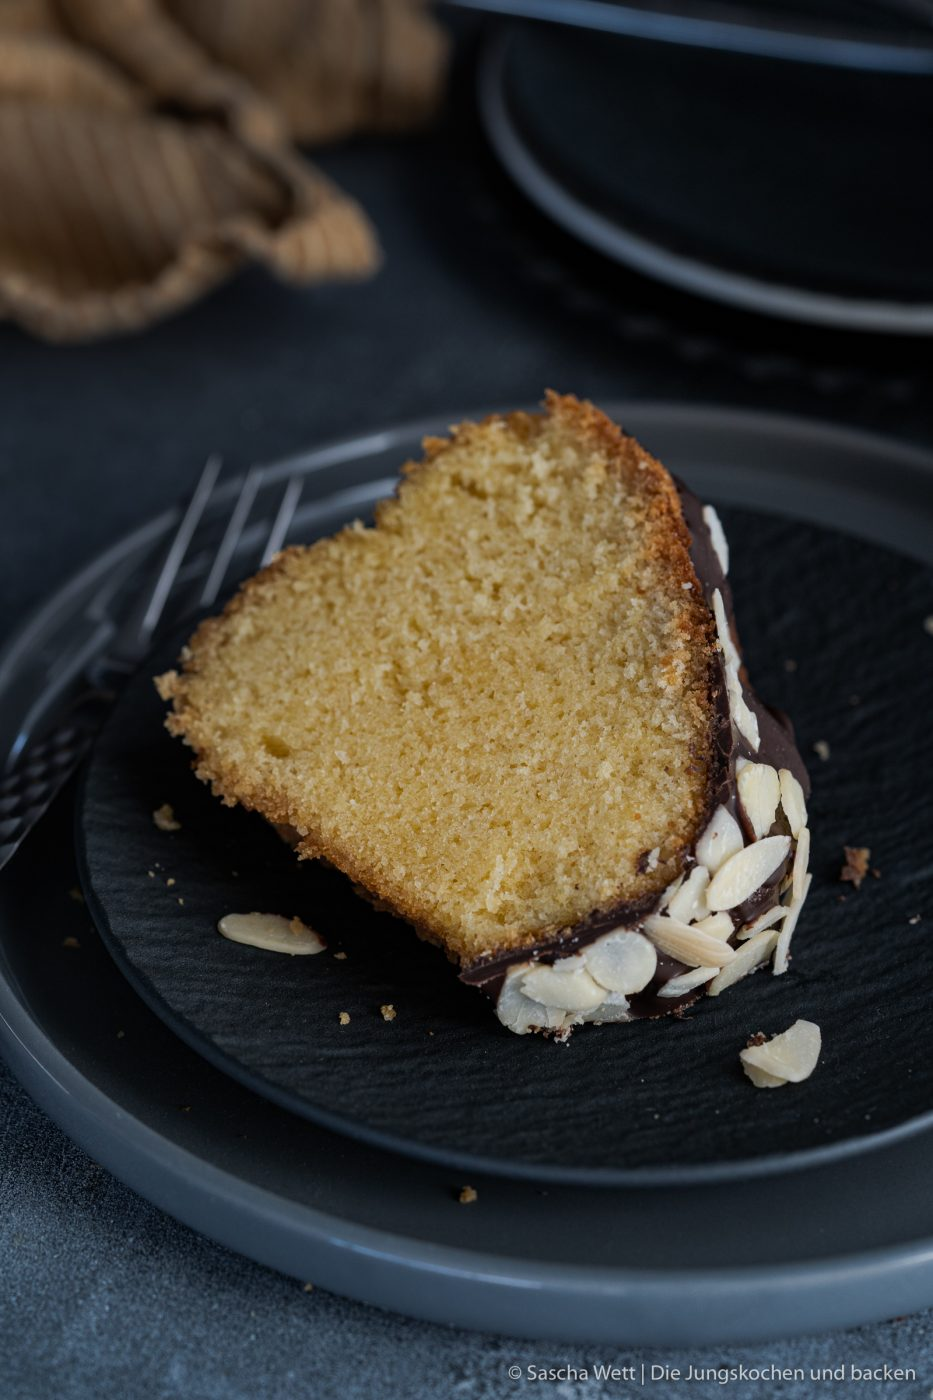 Apricot Amaretto Eierlikörkuchen verpoorten 6 | Heute haben wir eine Variante eines eurer absoluten Blog-Lieblinge dabei! Unseren super saftigen Eierlikörkuchen habt ihr schon etliche Male nachgebacken und wir sind immer wieder super happy über euer tolles Feedback. Gerade bei diesen All-Time-Favorite Rezepten wandeln wir gerne auch mal ein wenig ab und versuchen, etwas Neues mit ins Rezept zu bringen. Dieses Mal haben wir uns dafür mit unserem Partner VERPOORTEN zusammengetan und zeigen euch einen genialen Eierlikörkuchen mit Amaretto-Apricot.